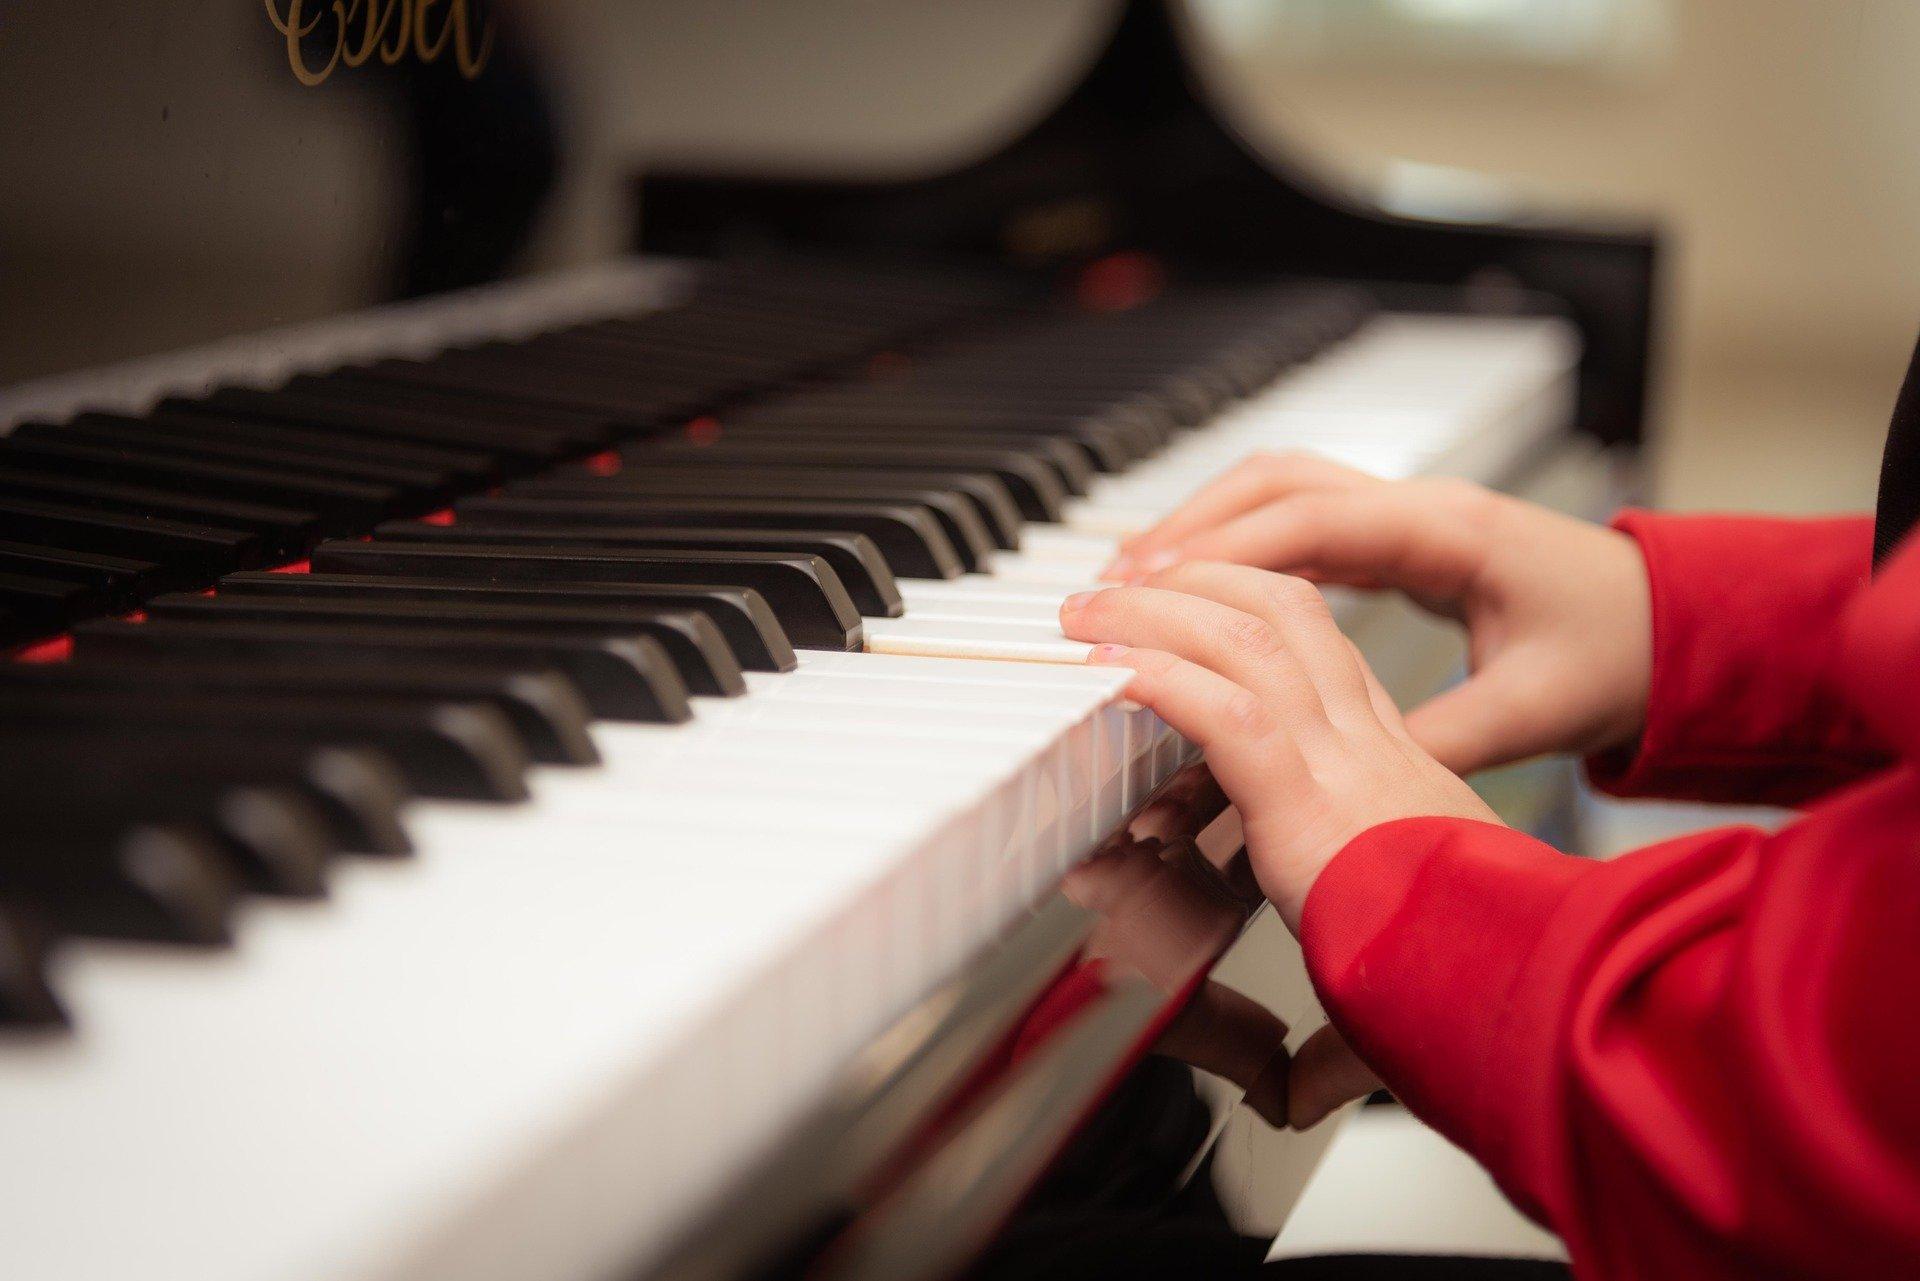 piano kids hands